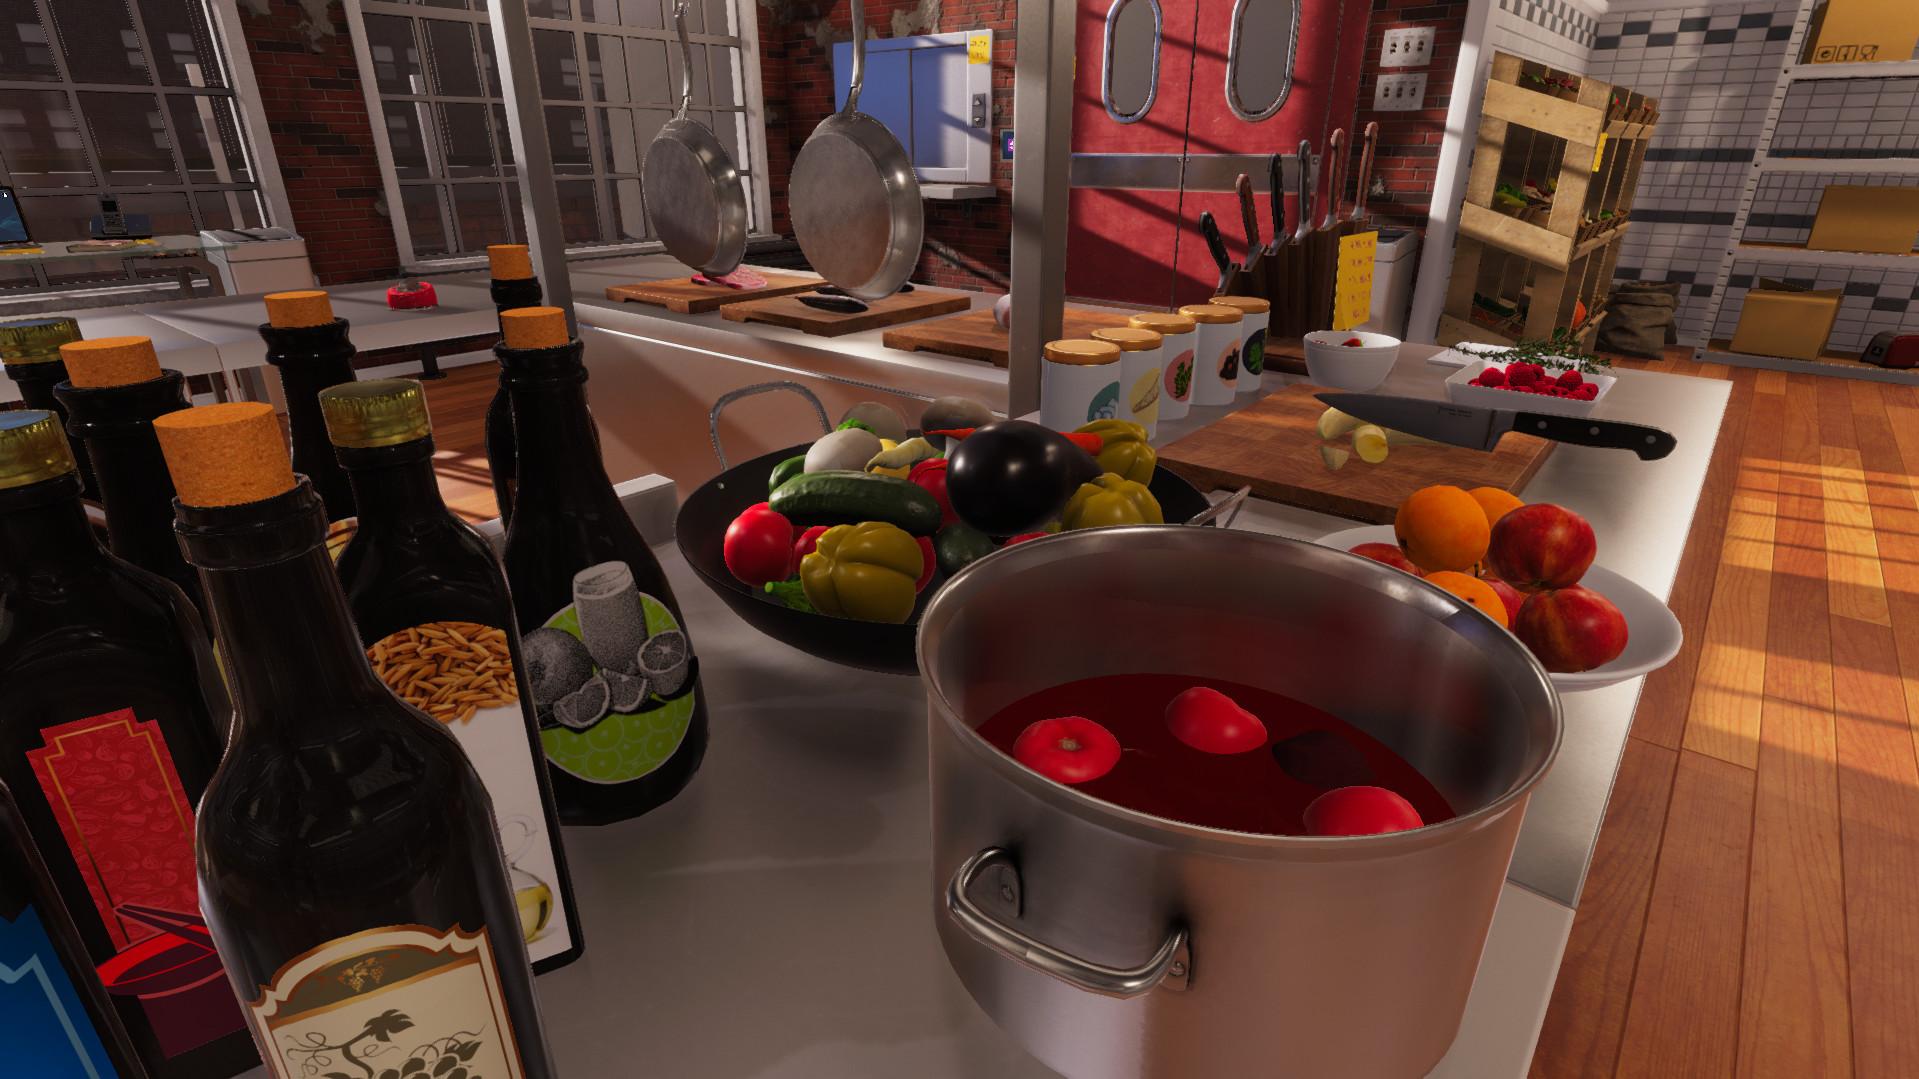 Cooking Simülatör Yemek Yapma Oyununu Bilgisayarını İndir